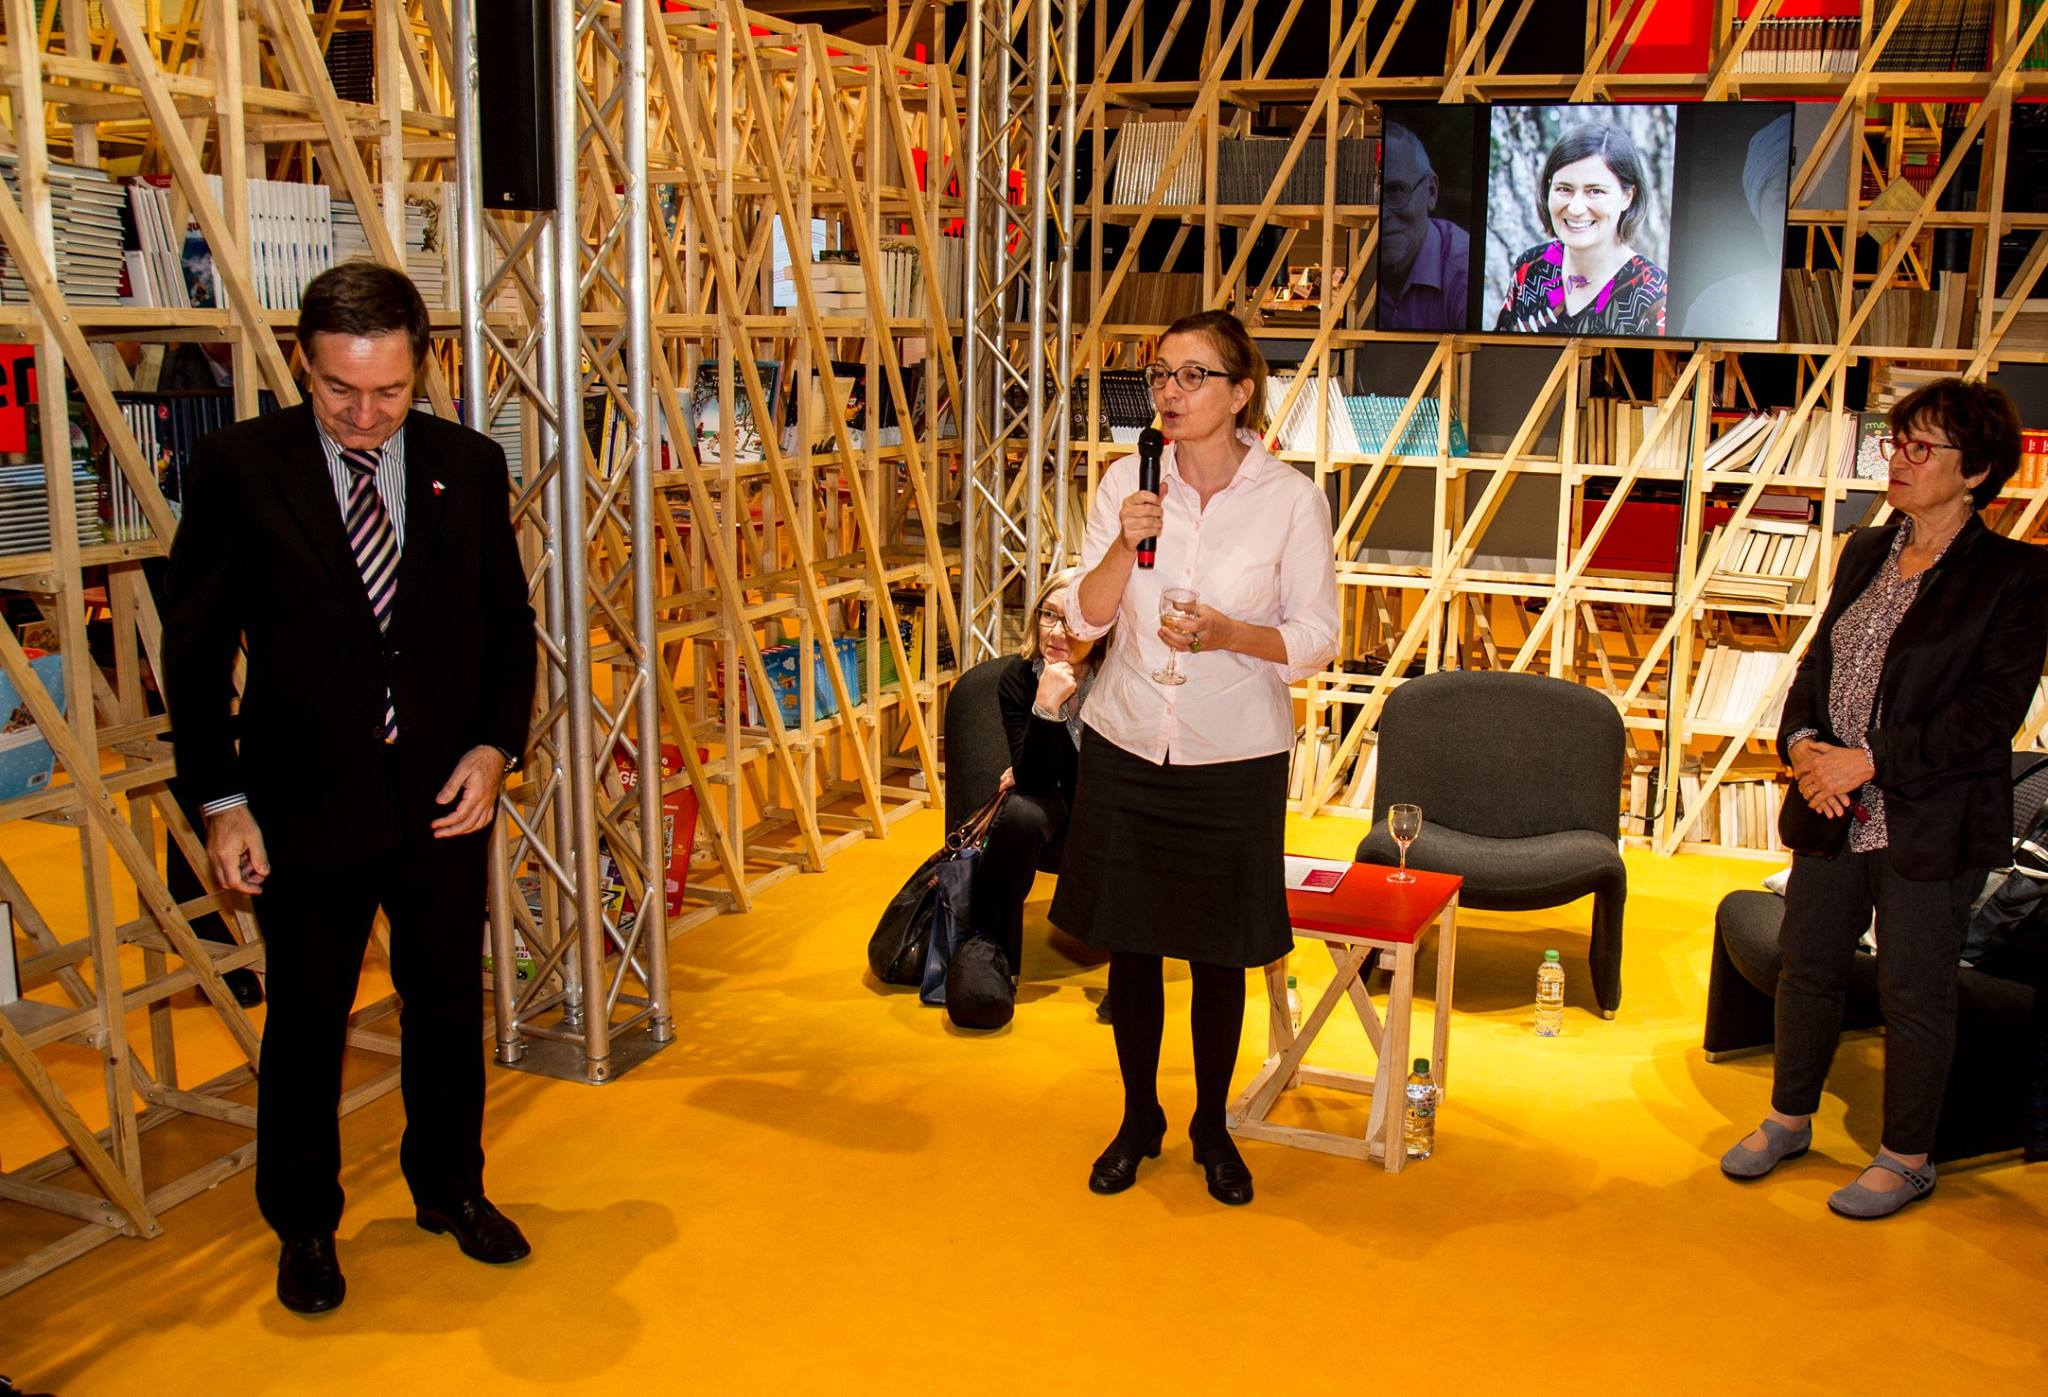 Francfort en français, Frankfurter Buchmesse 2017